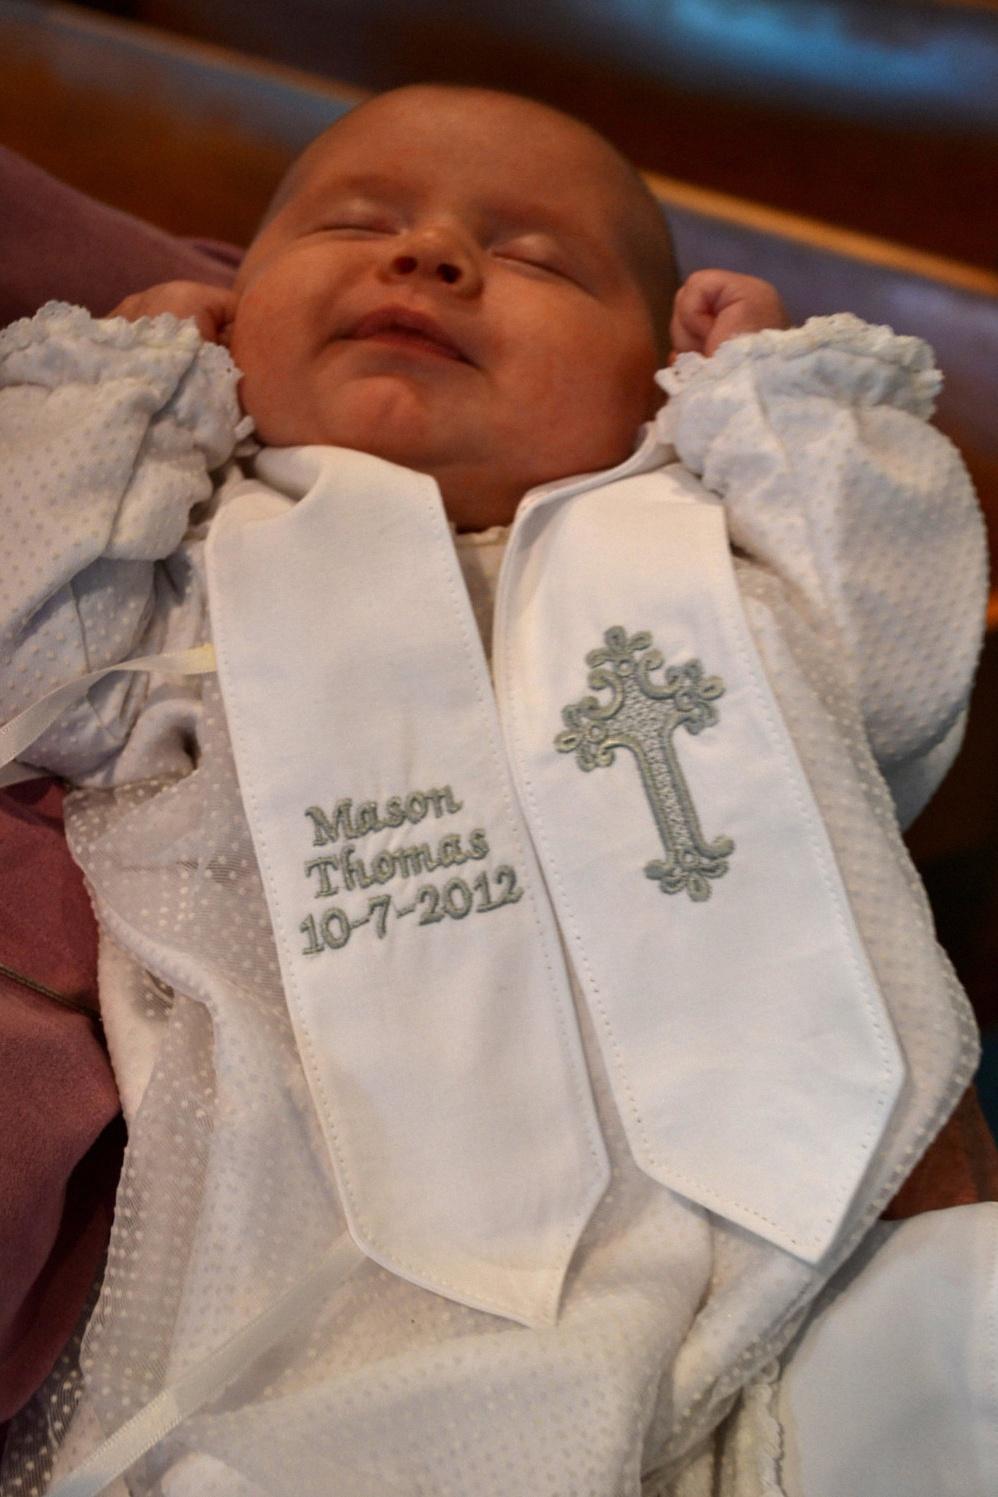 6686180f49e1 6 étoles ou écharpes de baptême personnalisées